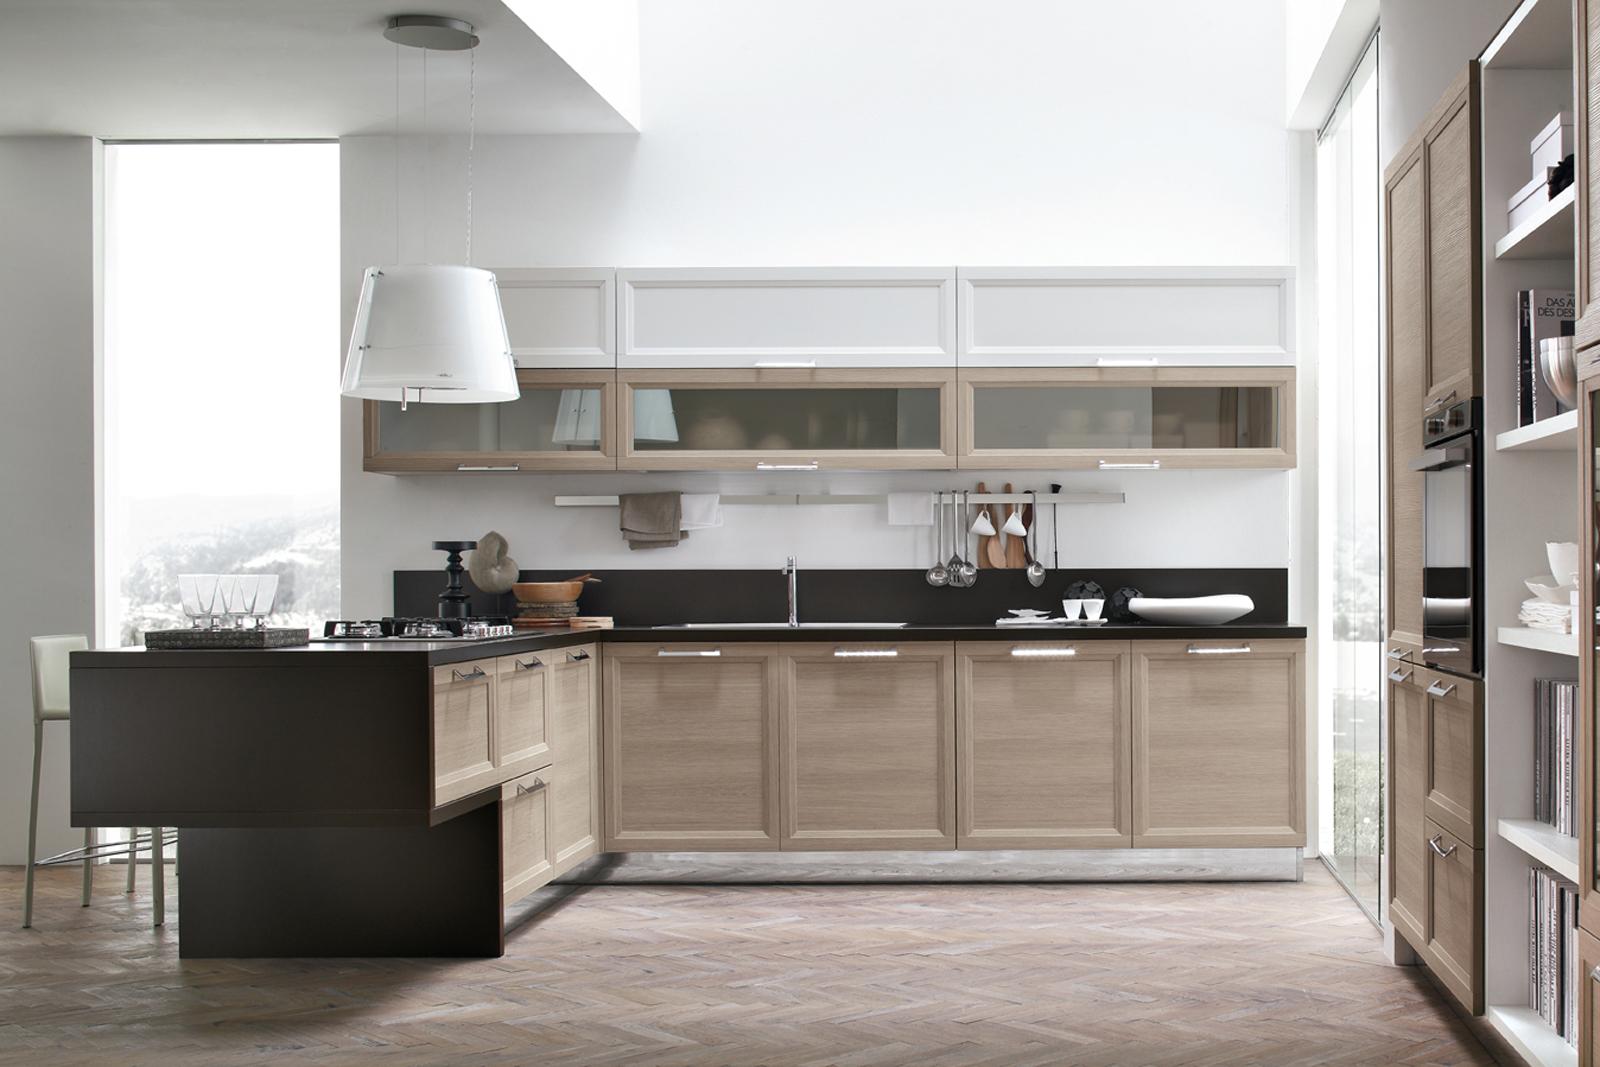 Cucina stosa malib lorenzelli arredamenti for Immagini per cucina